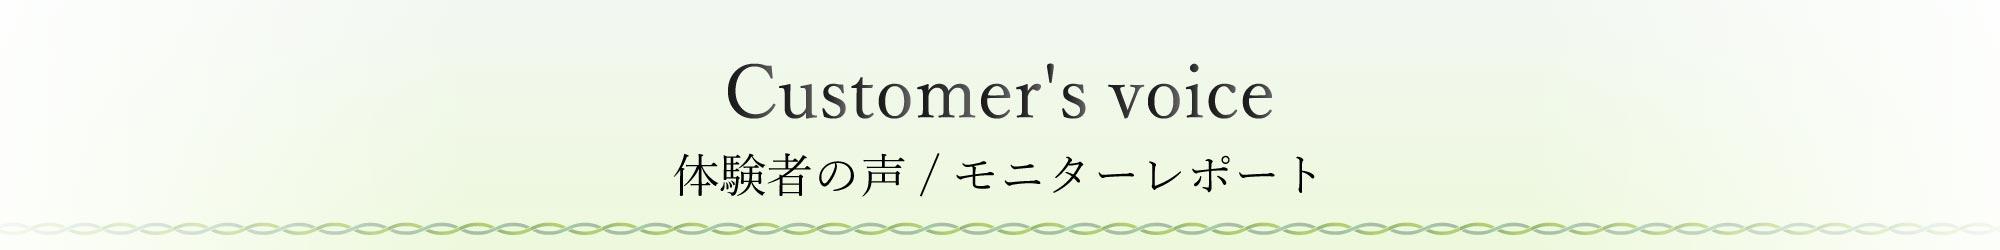 体験者の声・モニターレポート